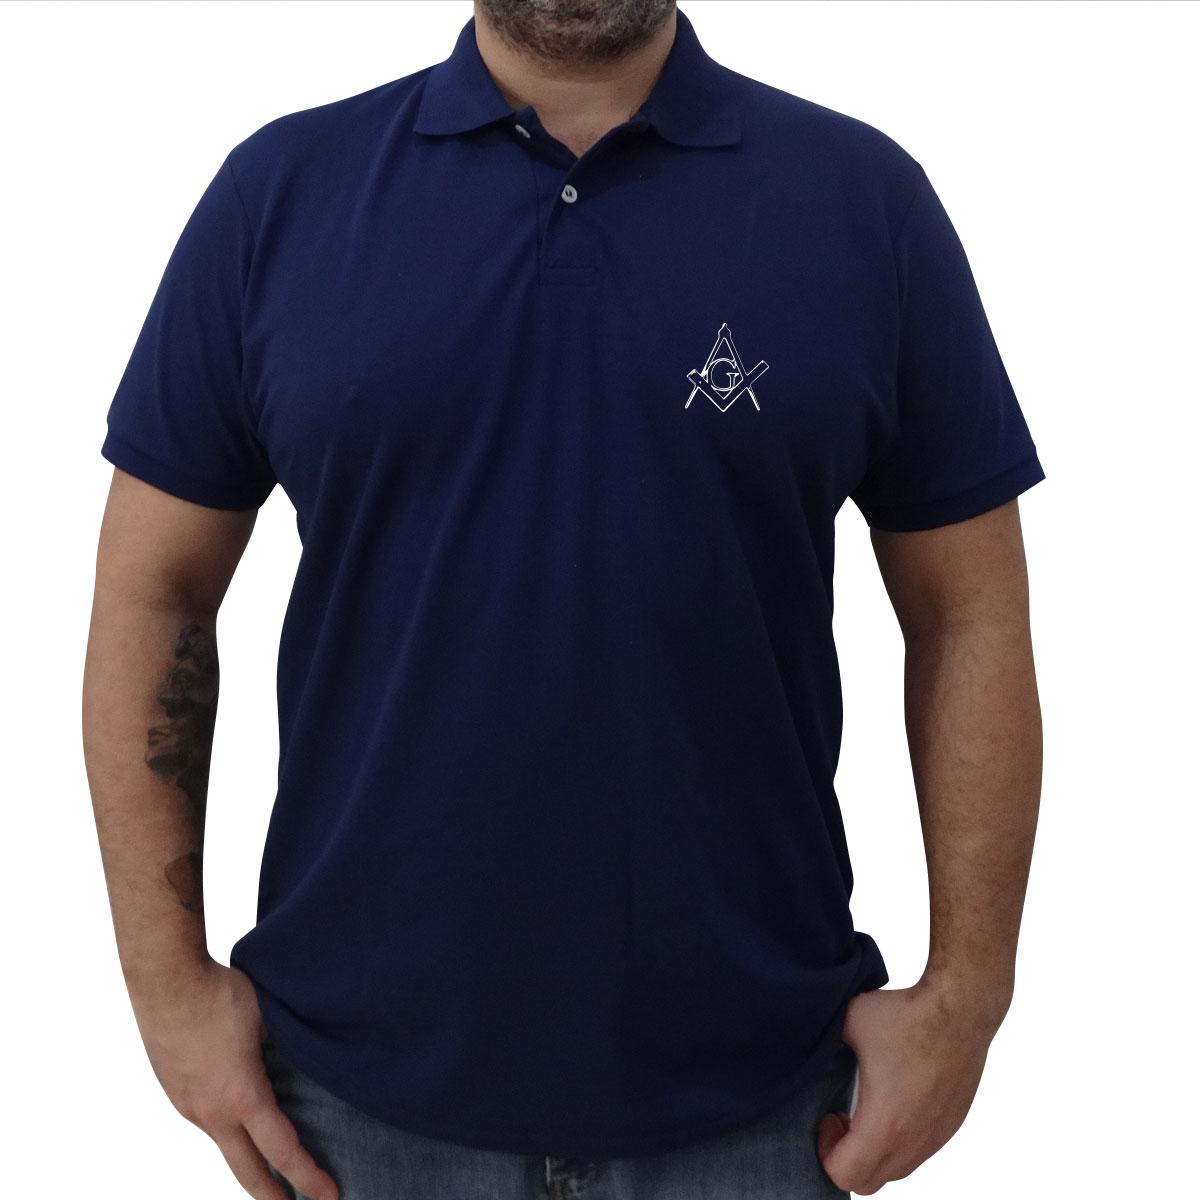 Camisa Pólo Azul Marinho - Esquadro e Compasso